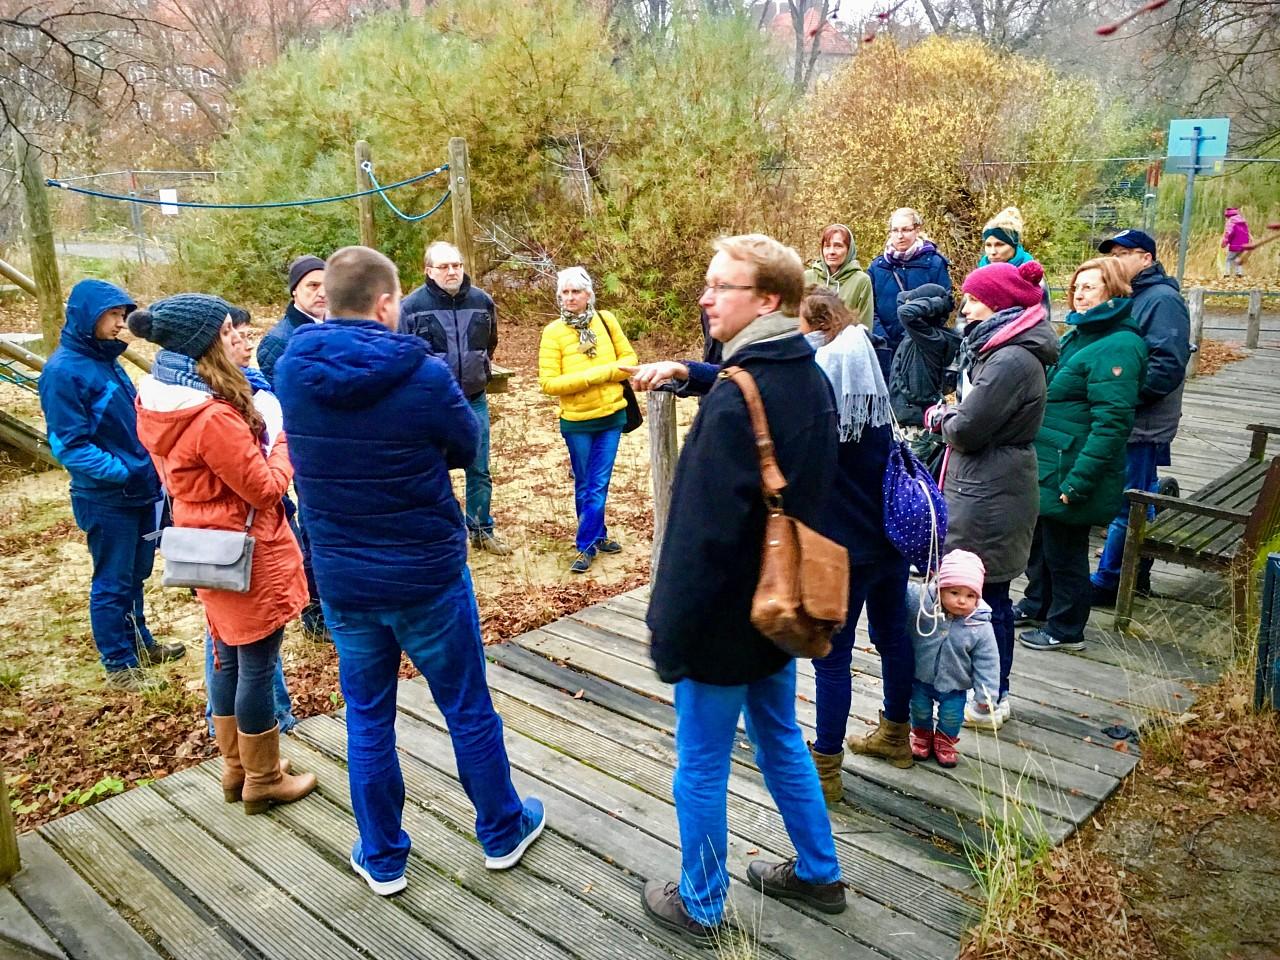 Beteiligungsverfahren am Spielplatz,  23.11.2018 (Foto: Scholz)